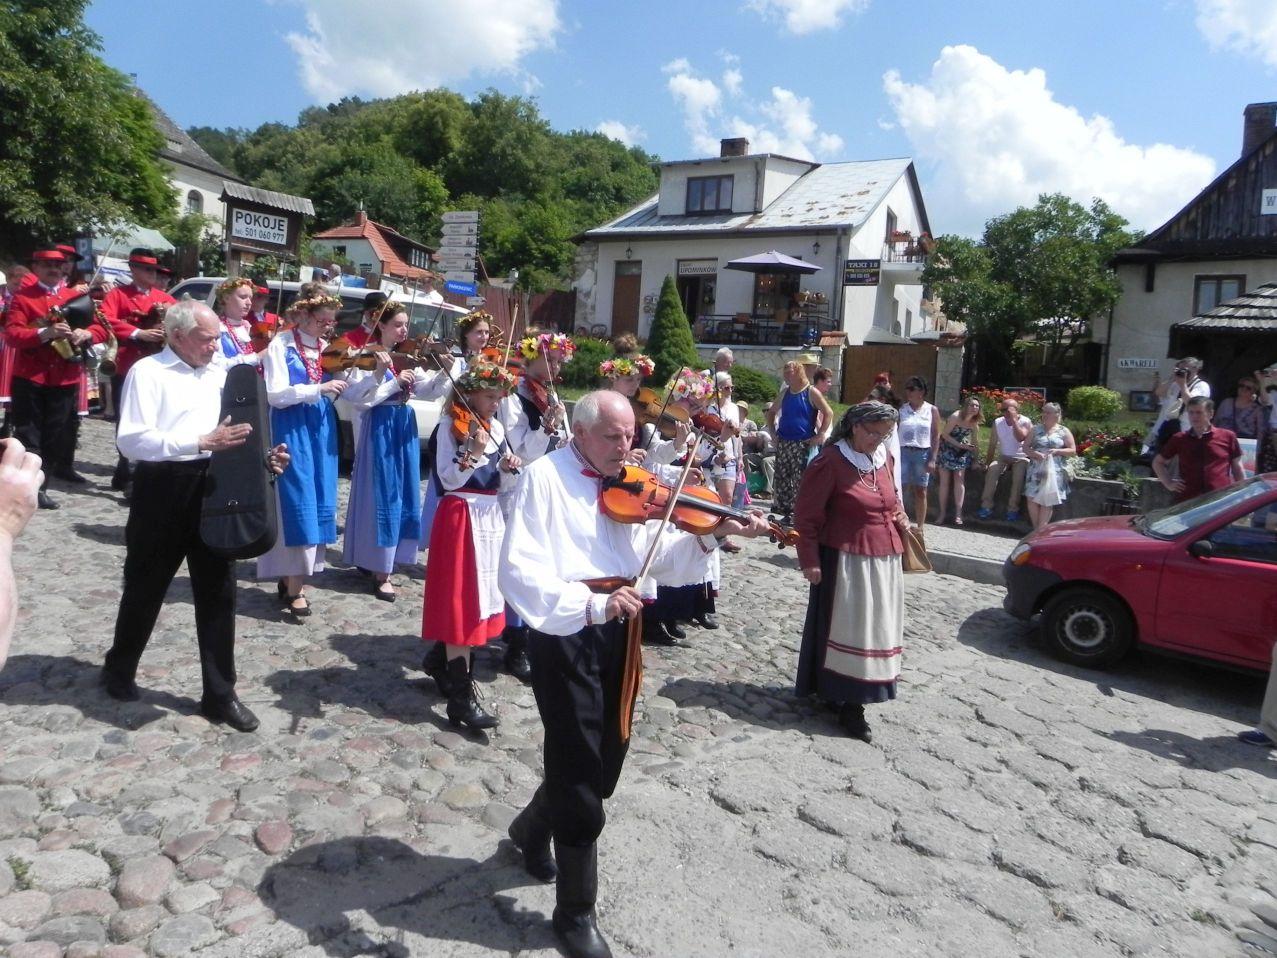 2016-06-26 Kazimierz Dolny - festiwal (105)